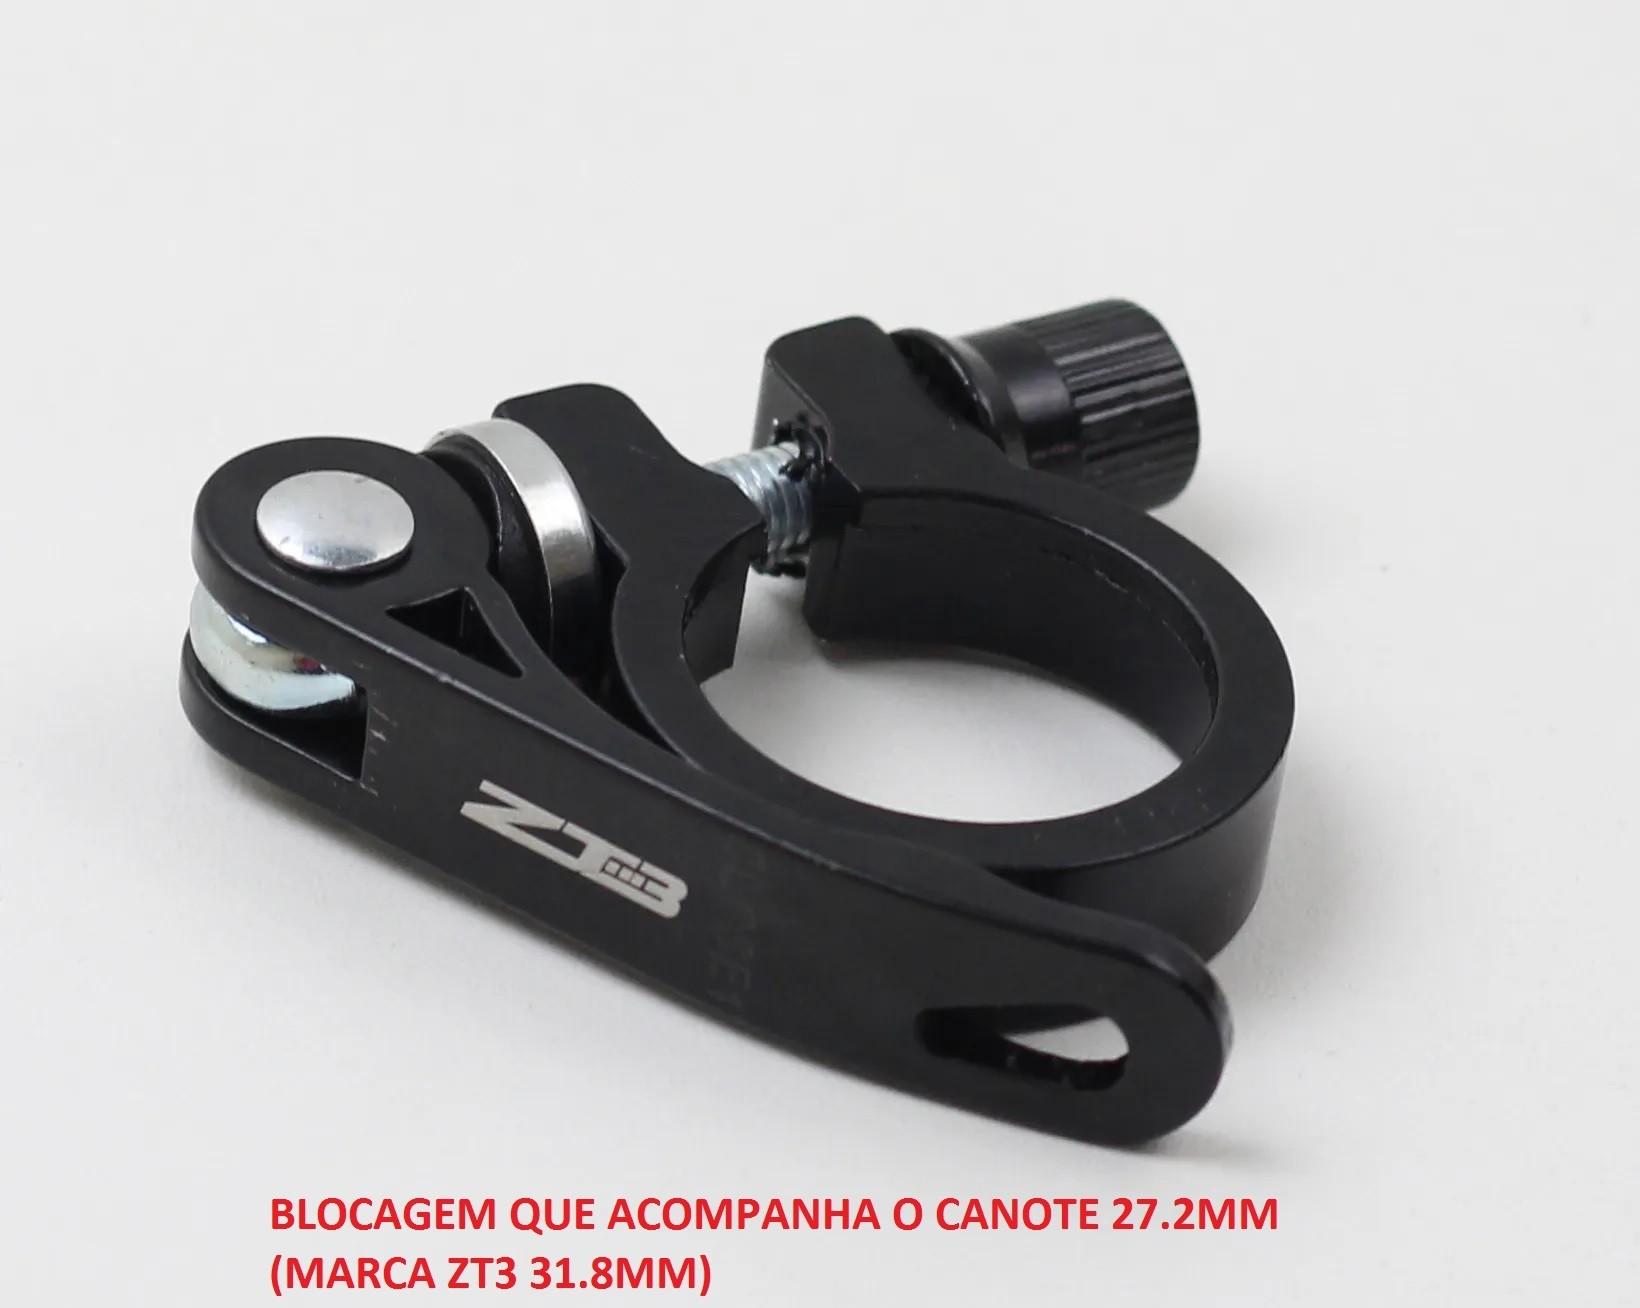 Canote Bicicleta Absolute Alumínio 27.2 ou 31.6mm x 350mm Preto Com Carrinho + Blocagem